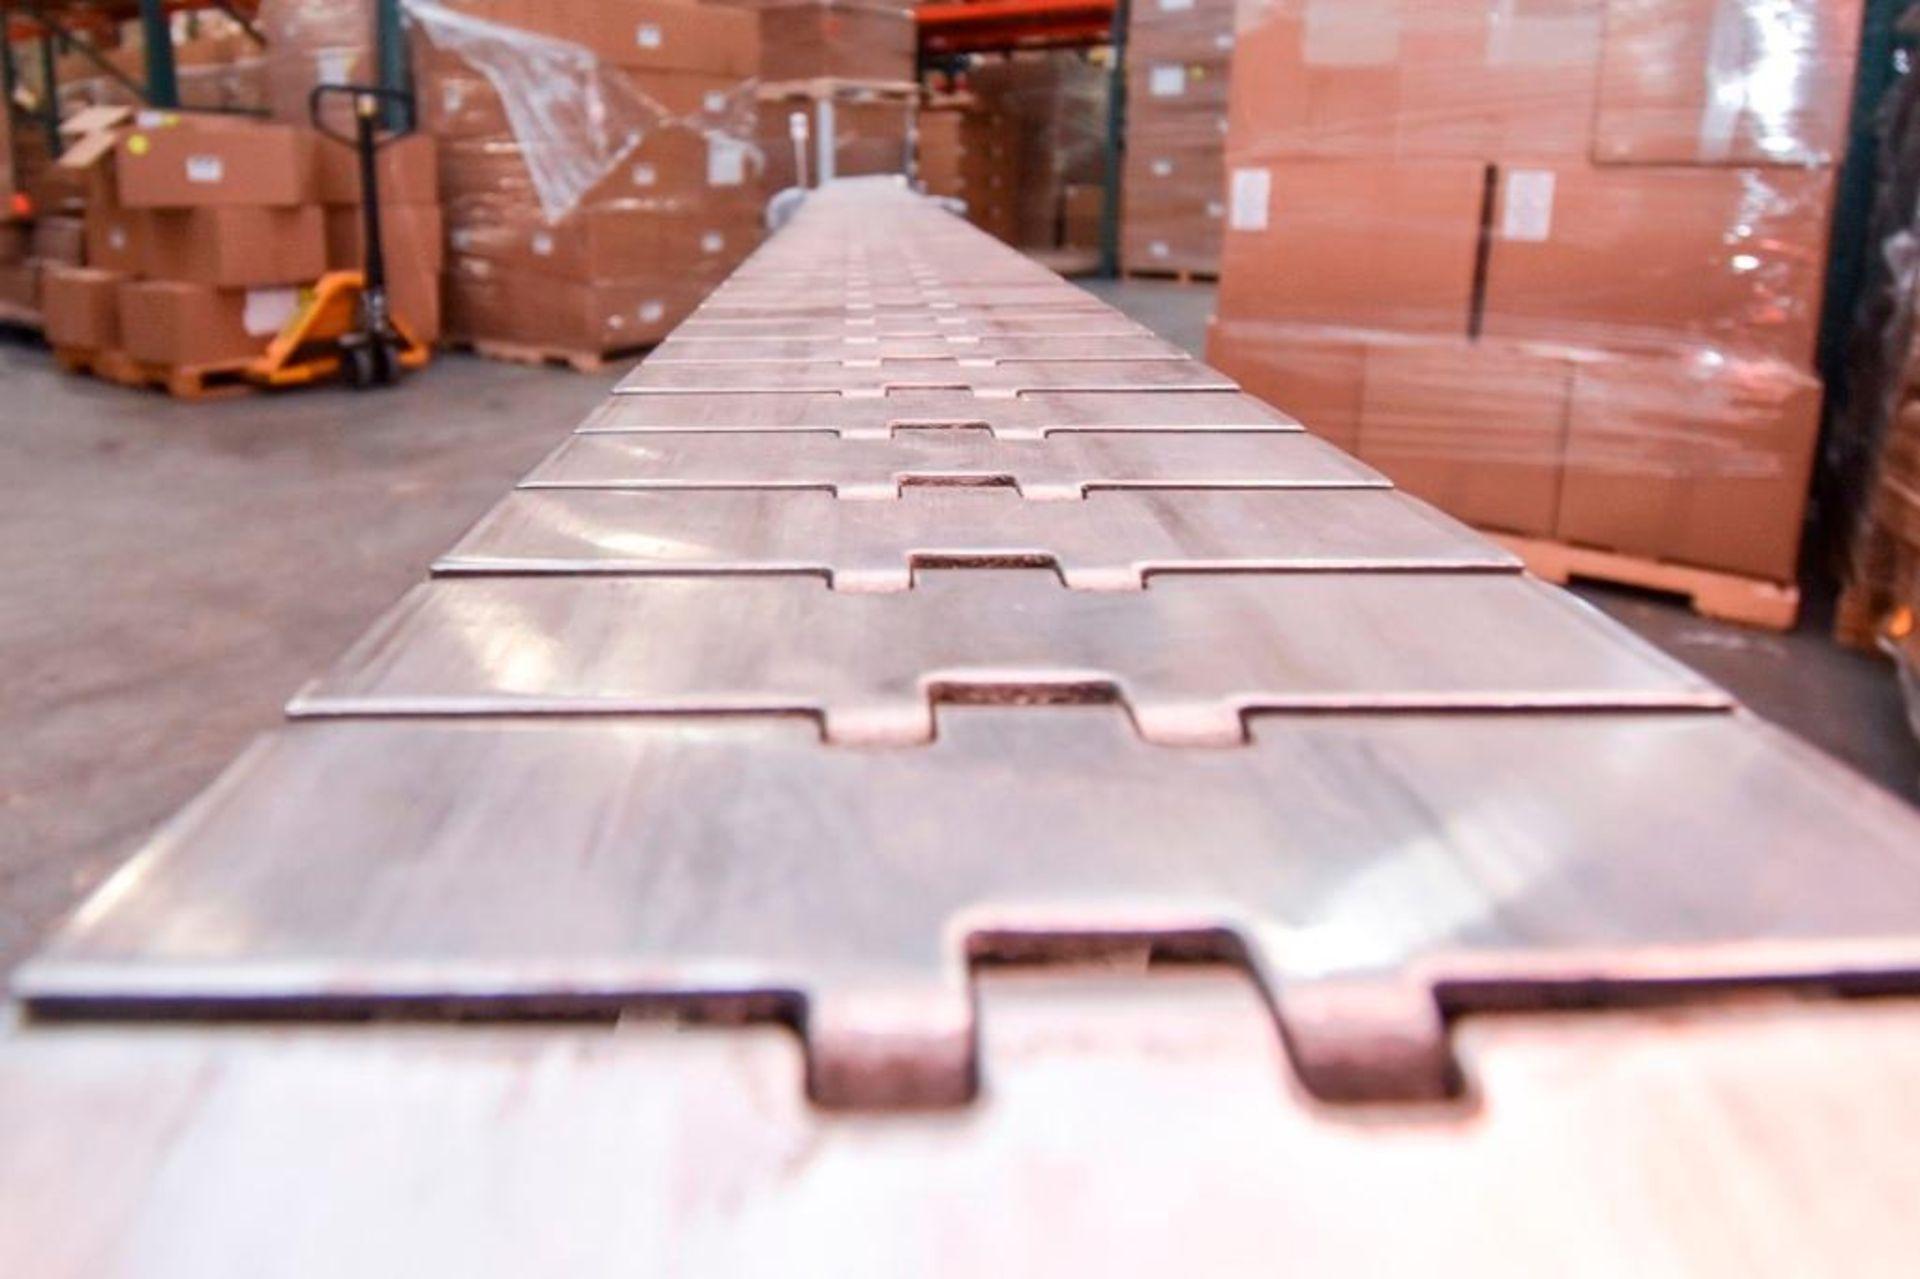 Accutek Variable Speed Conveyor - Image 9 of 11